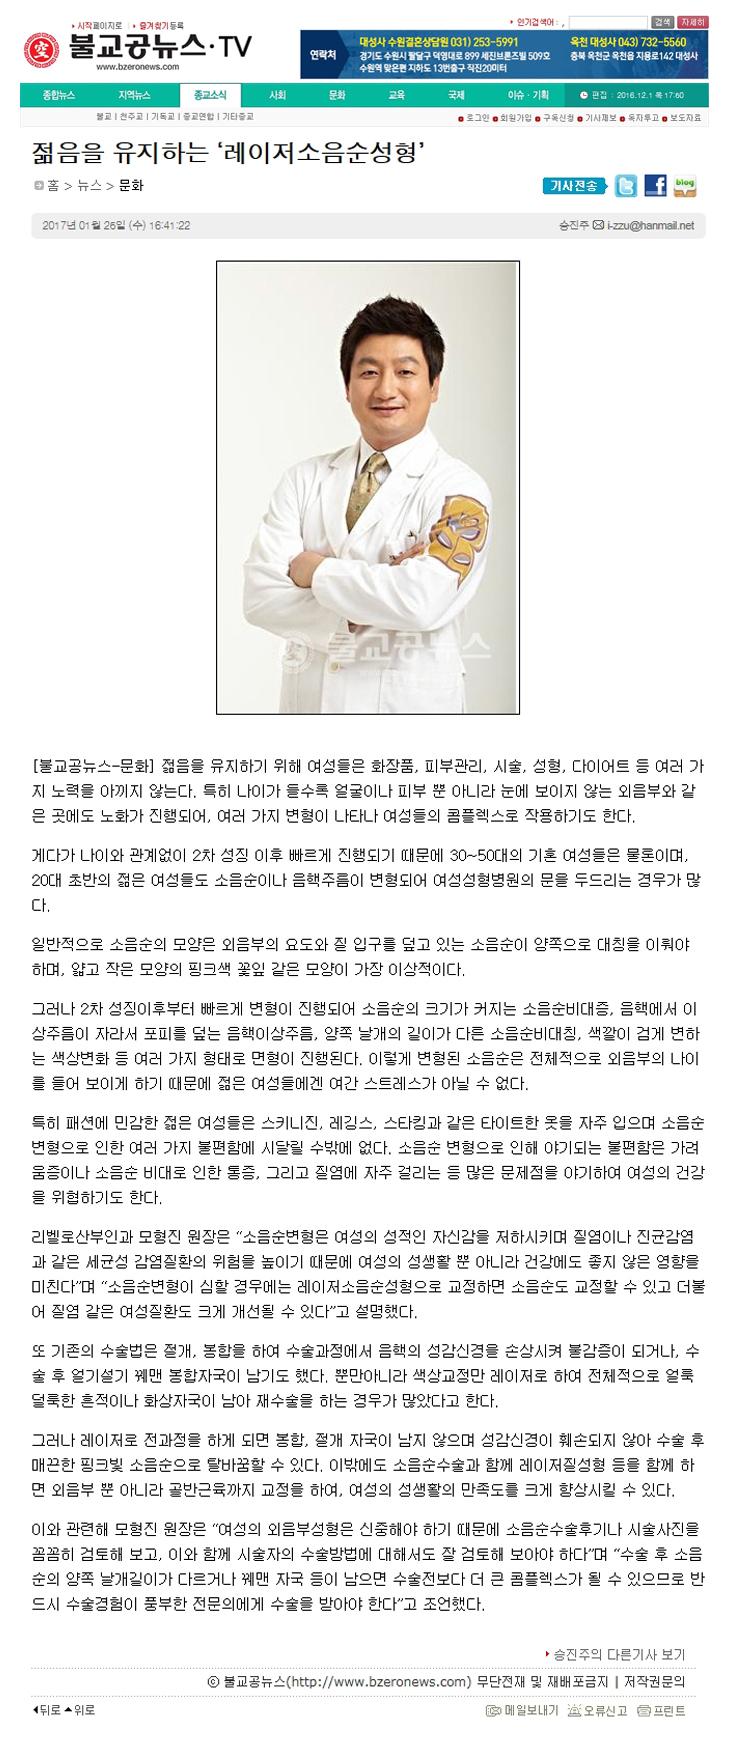 불교공뉴스-20170125.jpg